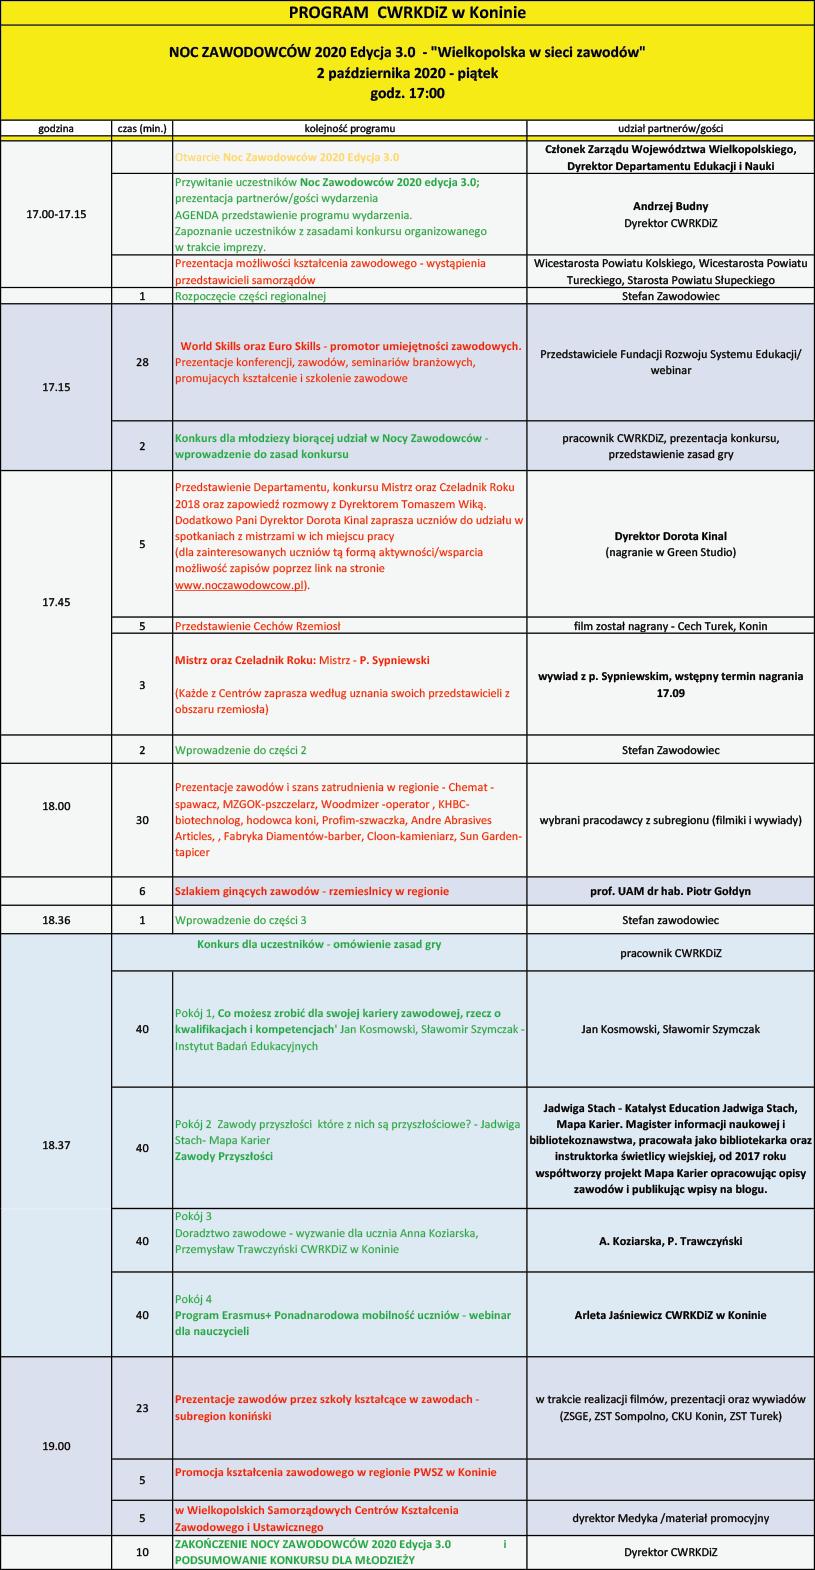 Program Noc Zawodowców 2020 Edycja 3.0 Wielkopolska w sieci zawodów w subregionie konińskim